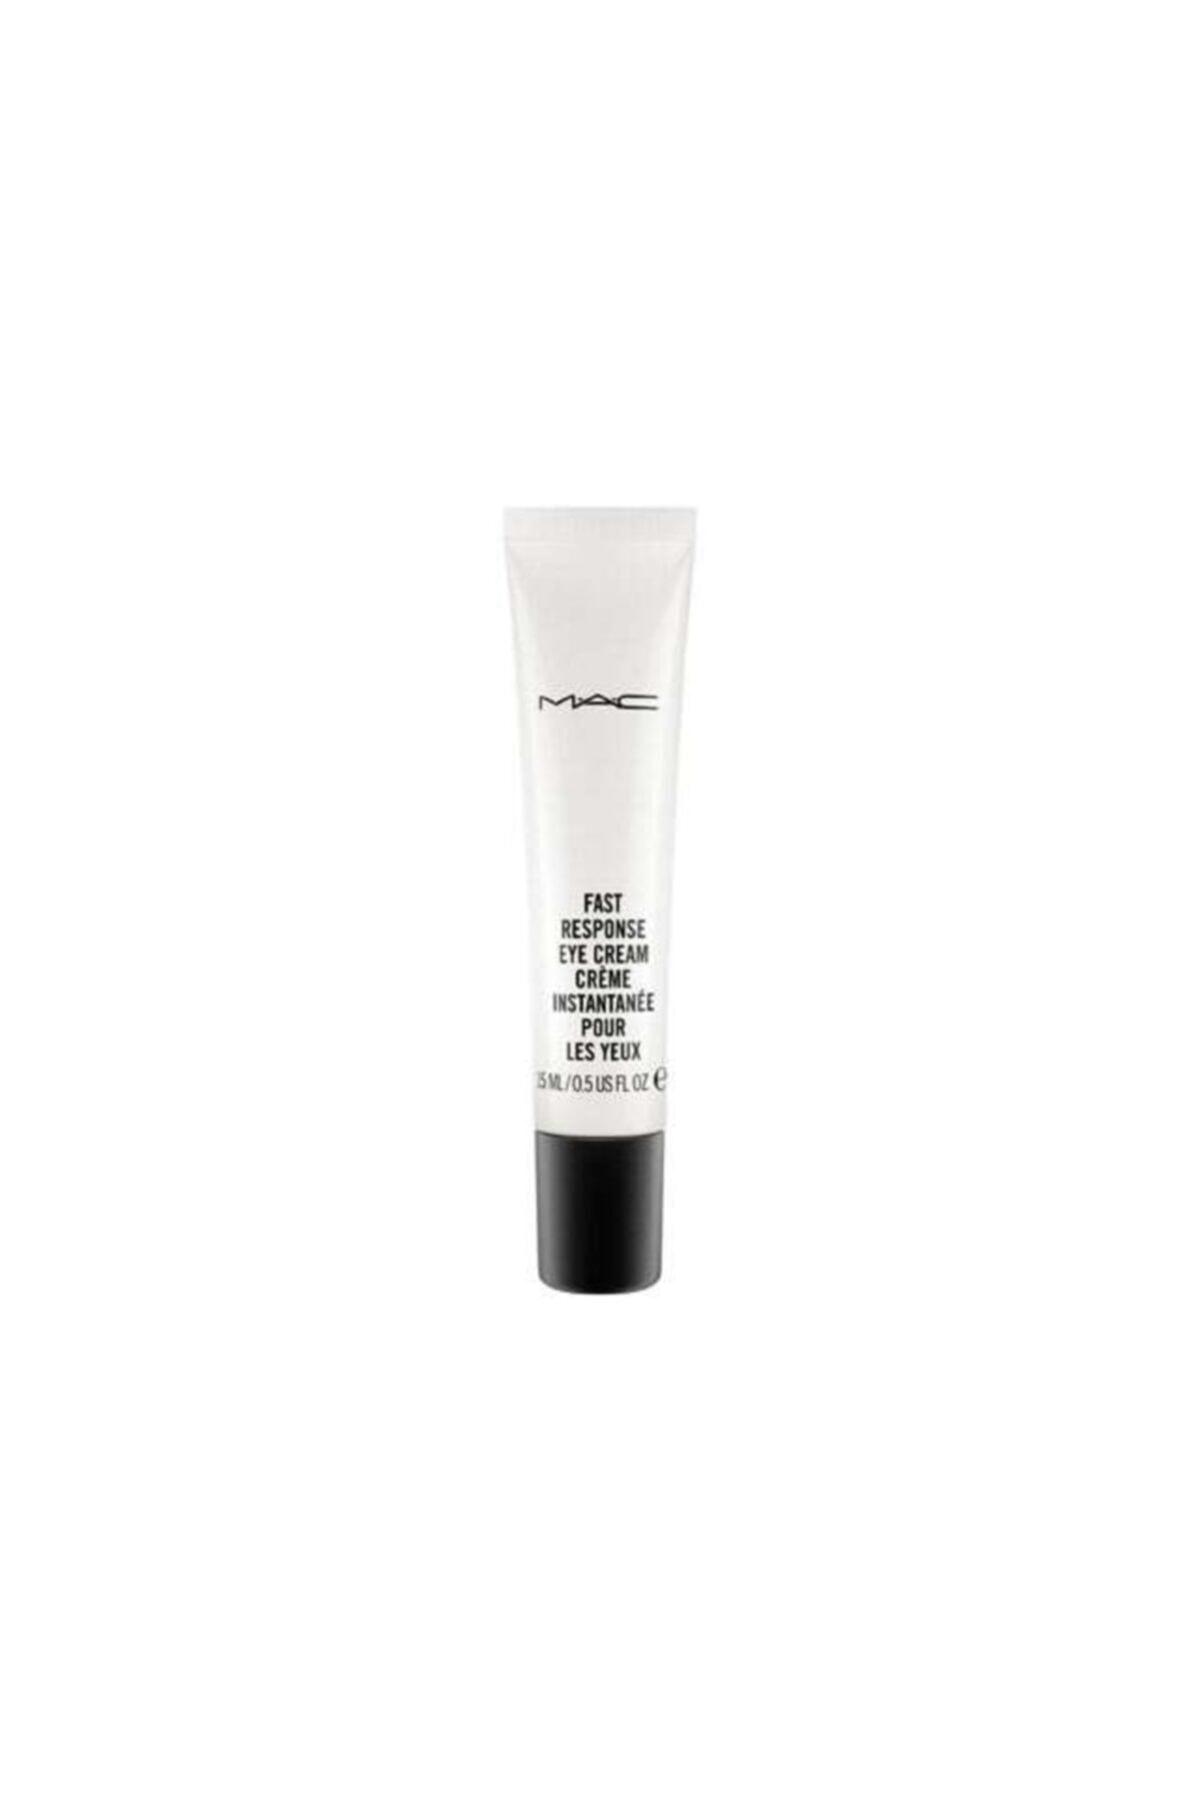 Göz Çevresi için Nemlendirici Krem - Fast Response Eye Cream 15 ml 773602102822